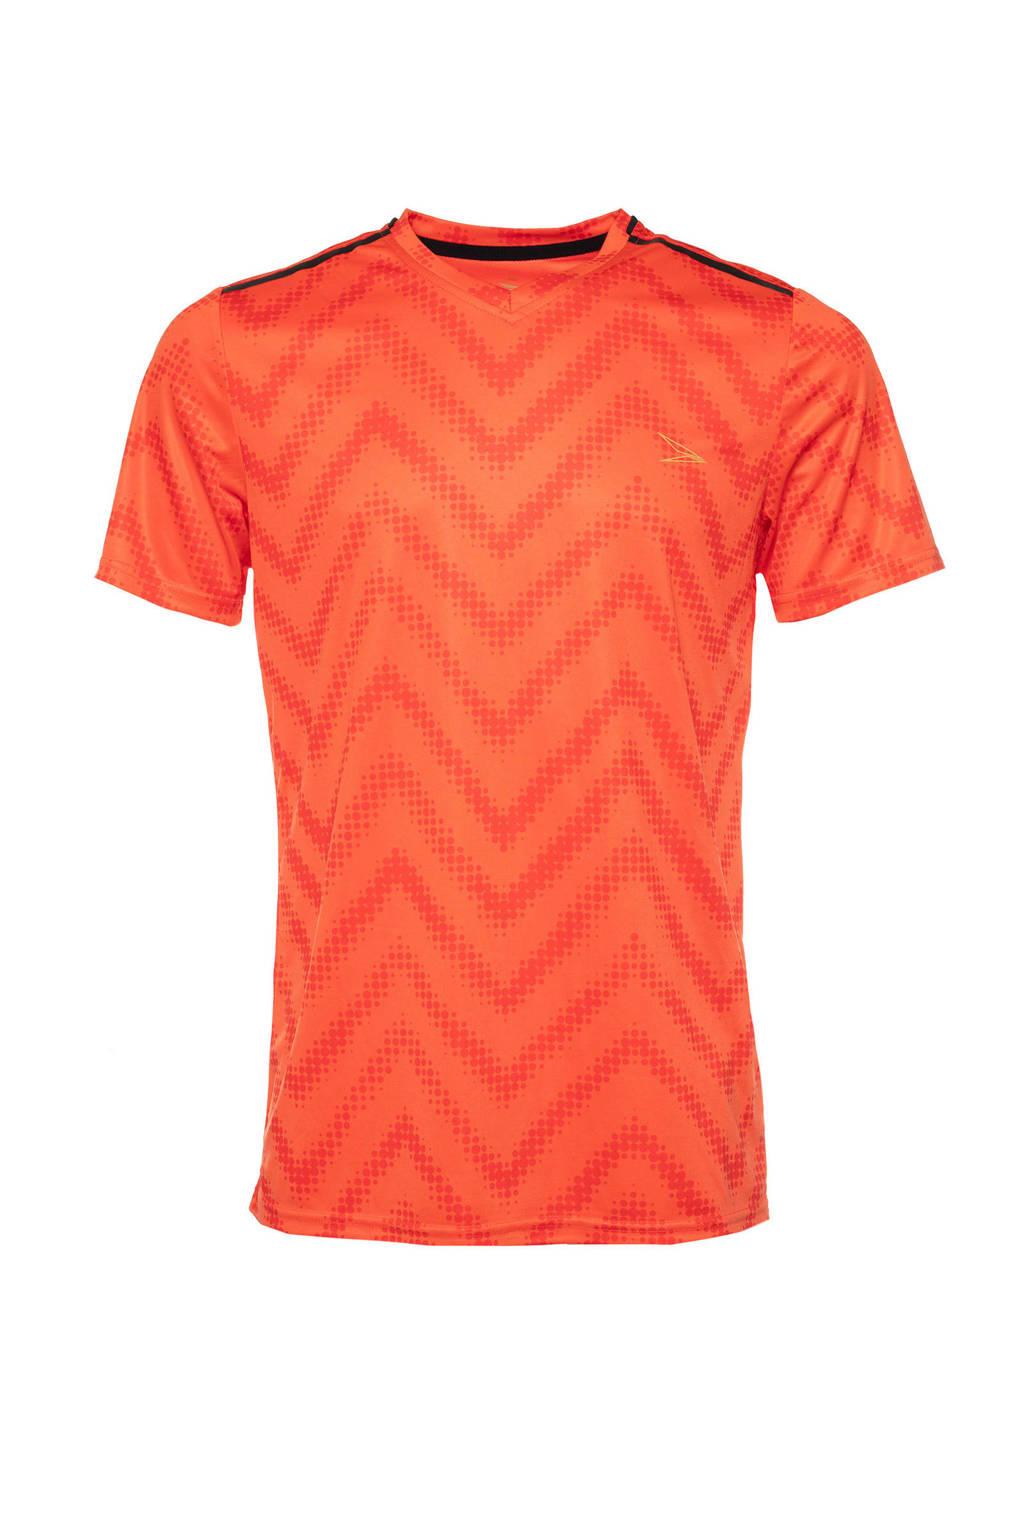 Scapino   voetbal T-shirt oranje, Oranje